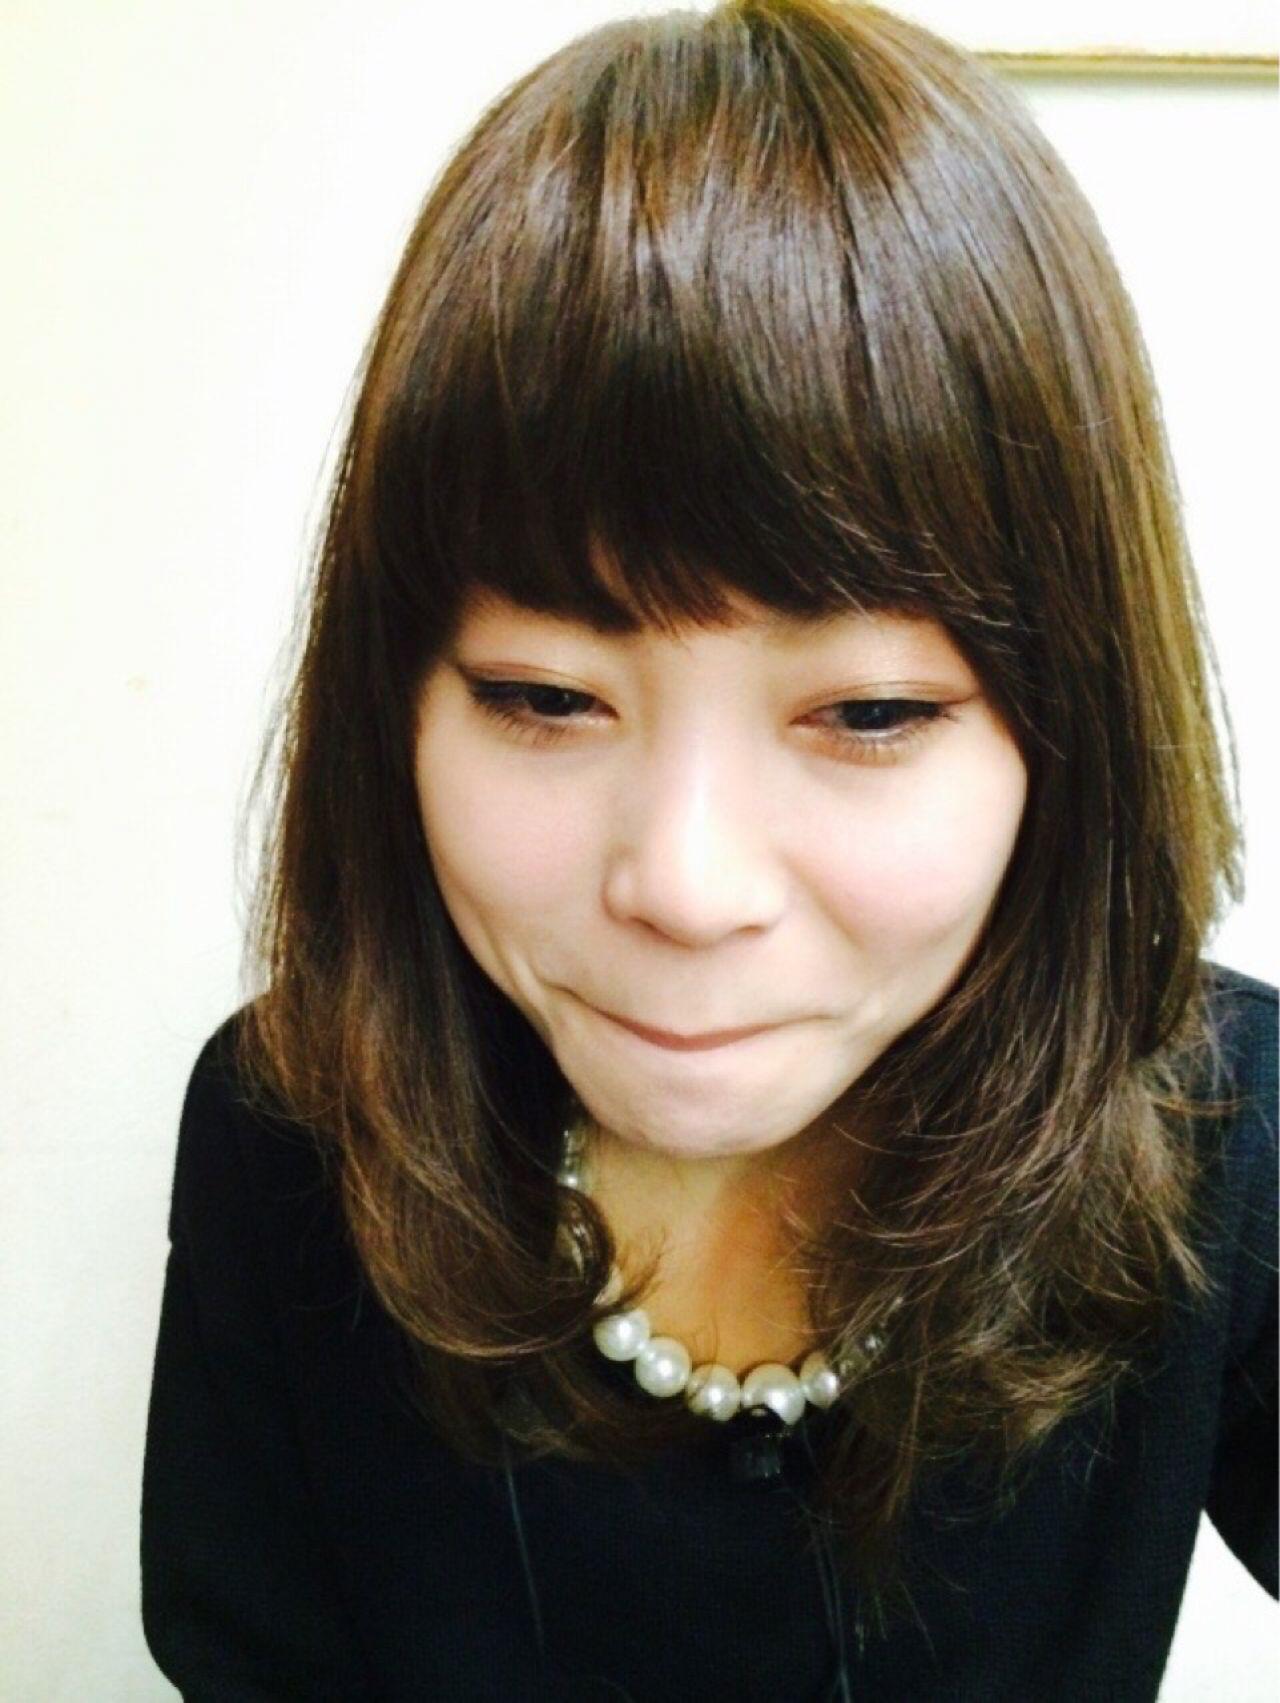 丸顔 ガーリー ミディアム モテ髪 ヘアスタイルや髪型の写真・画像 | johnny /